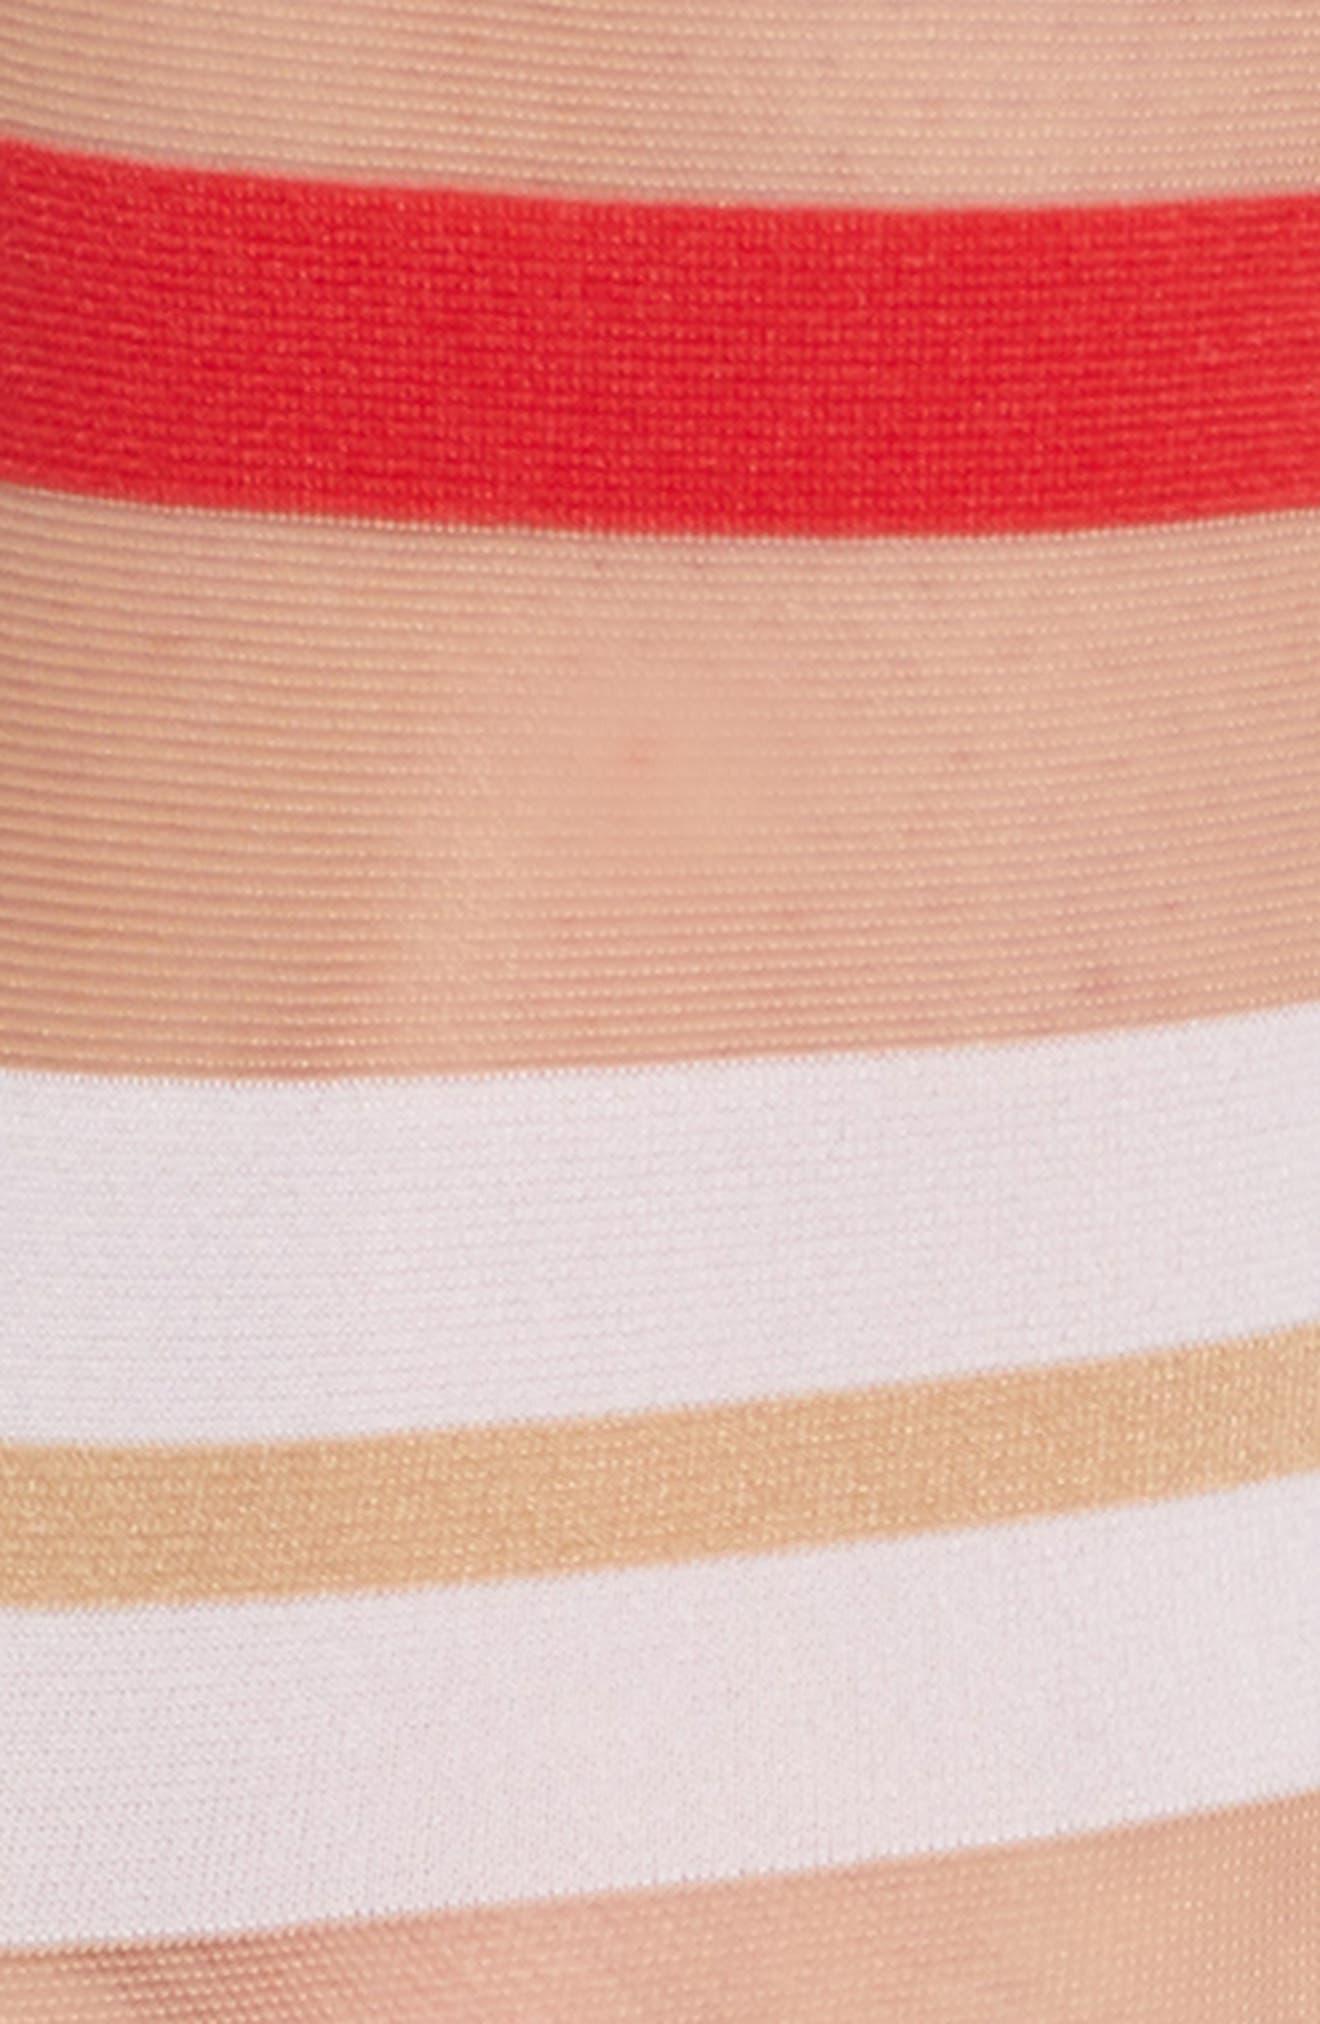 WOLFORD, Boogie Stripe Crew Socks, Alternate thumbnail 2, color, GOBI/ WHITE/ RED